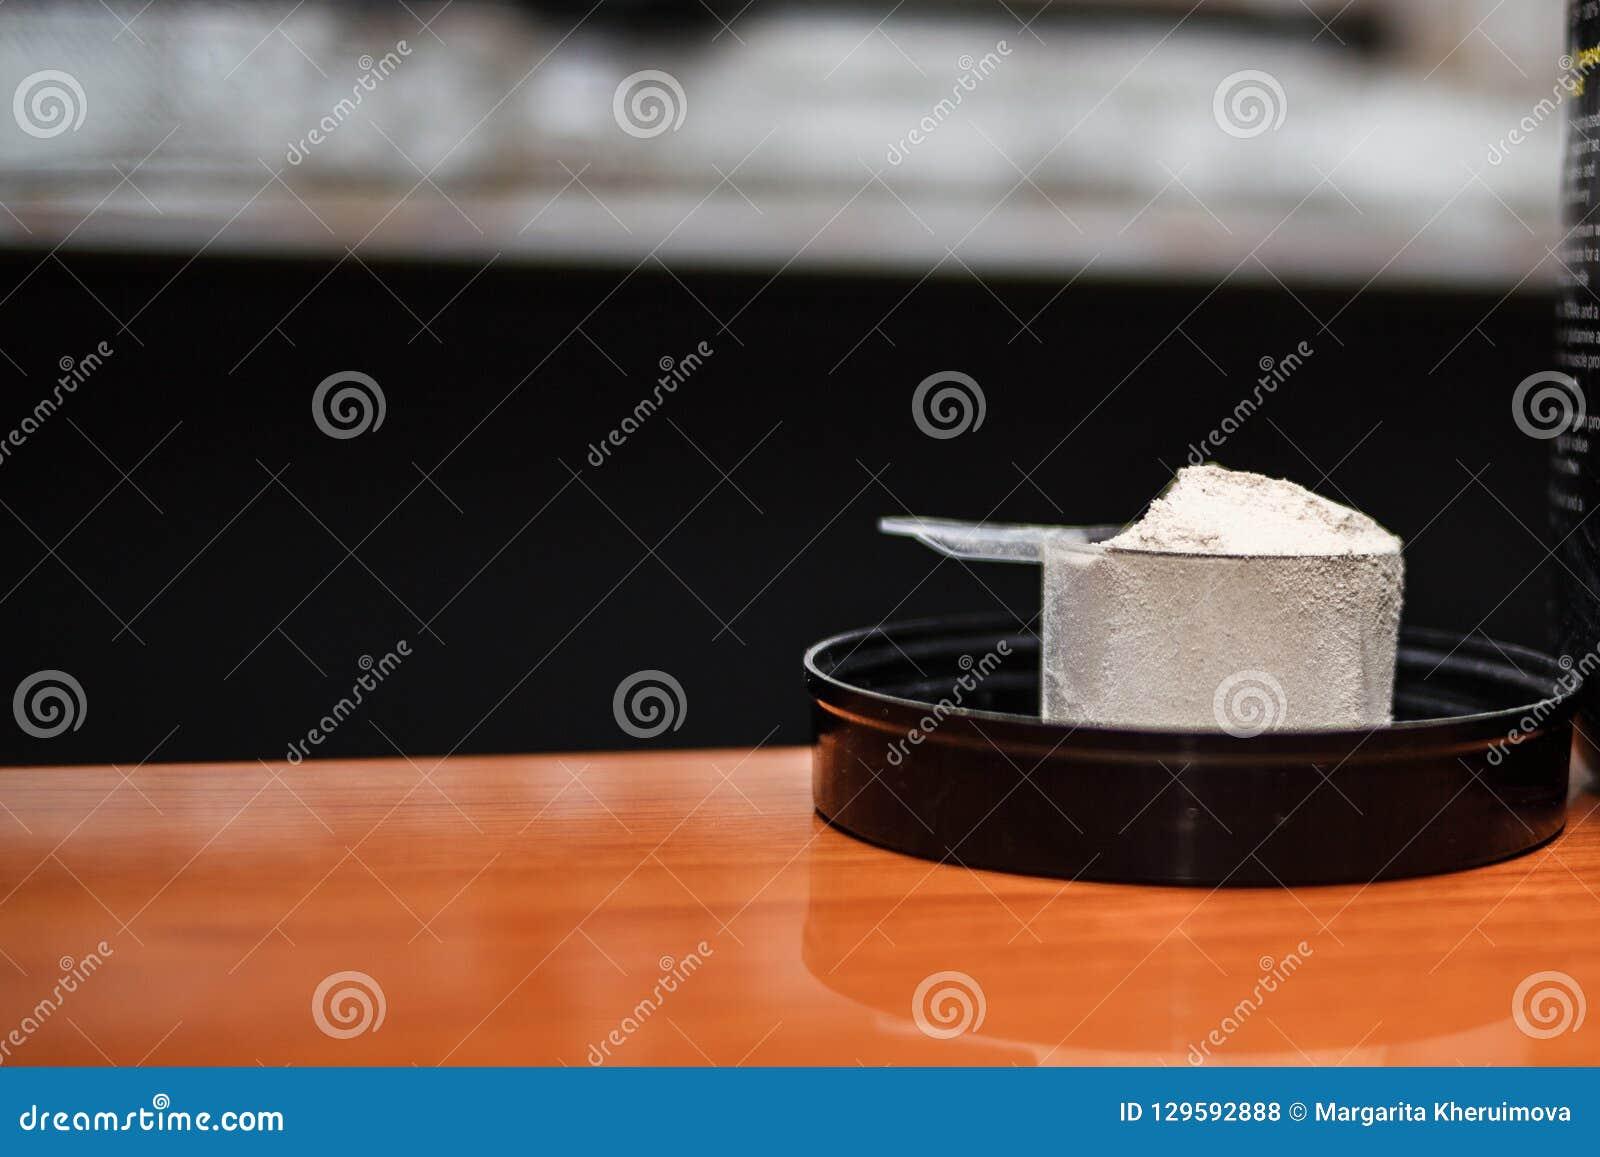 Порошок протеина Whey резвится дополнение культуризма Вид спереди белого ветроуловителя с ванильным порошком вкуса на деревянном